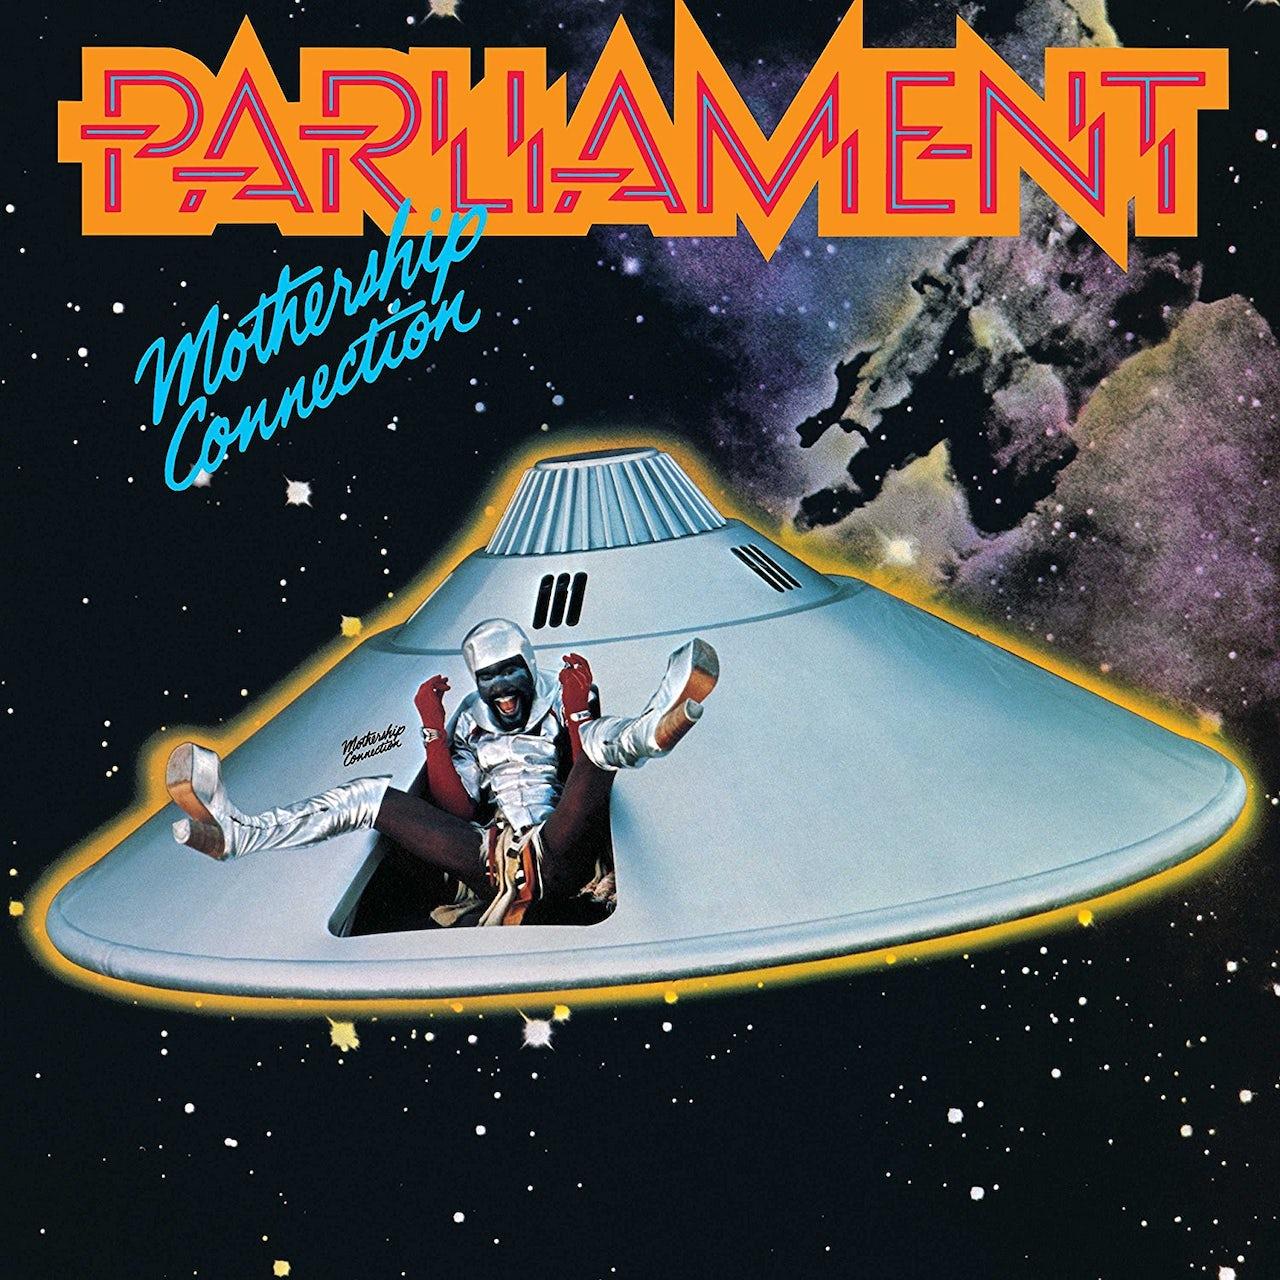 Cover for Parliament's 1975 album